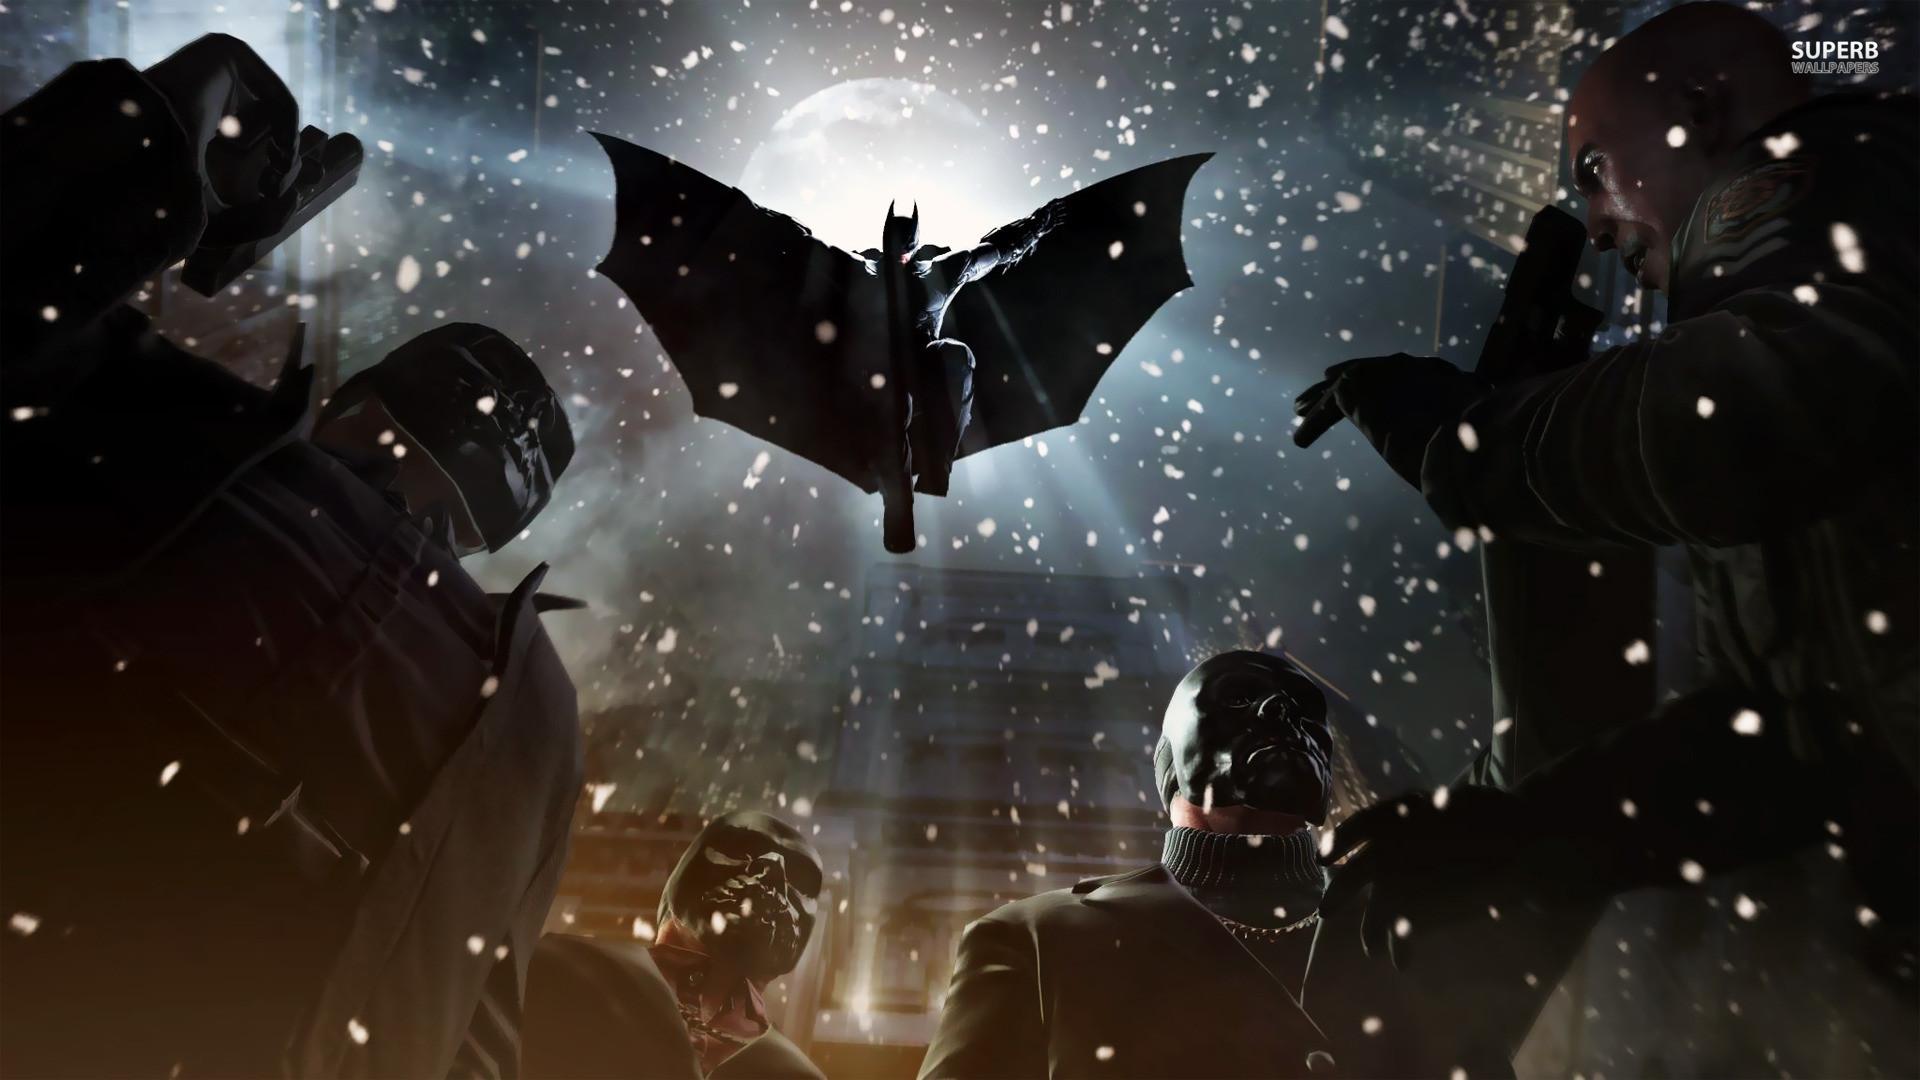 Batman Arkham Origins Wallpaper: Batman Killing Joke Wallpaper (84+ Images